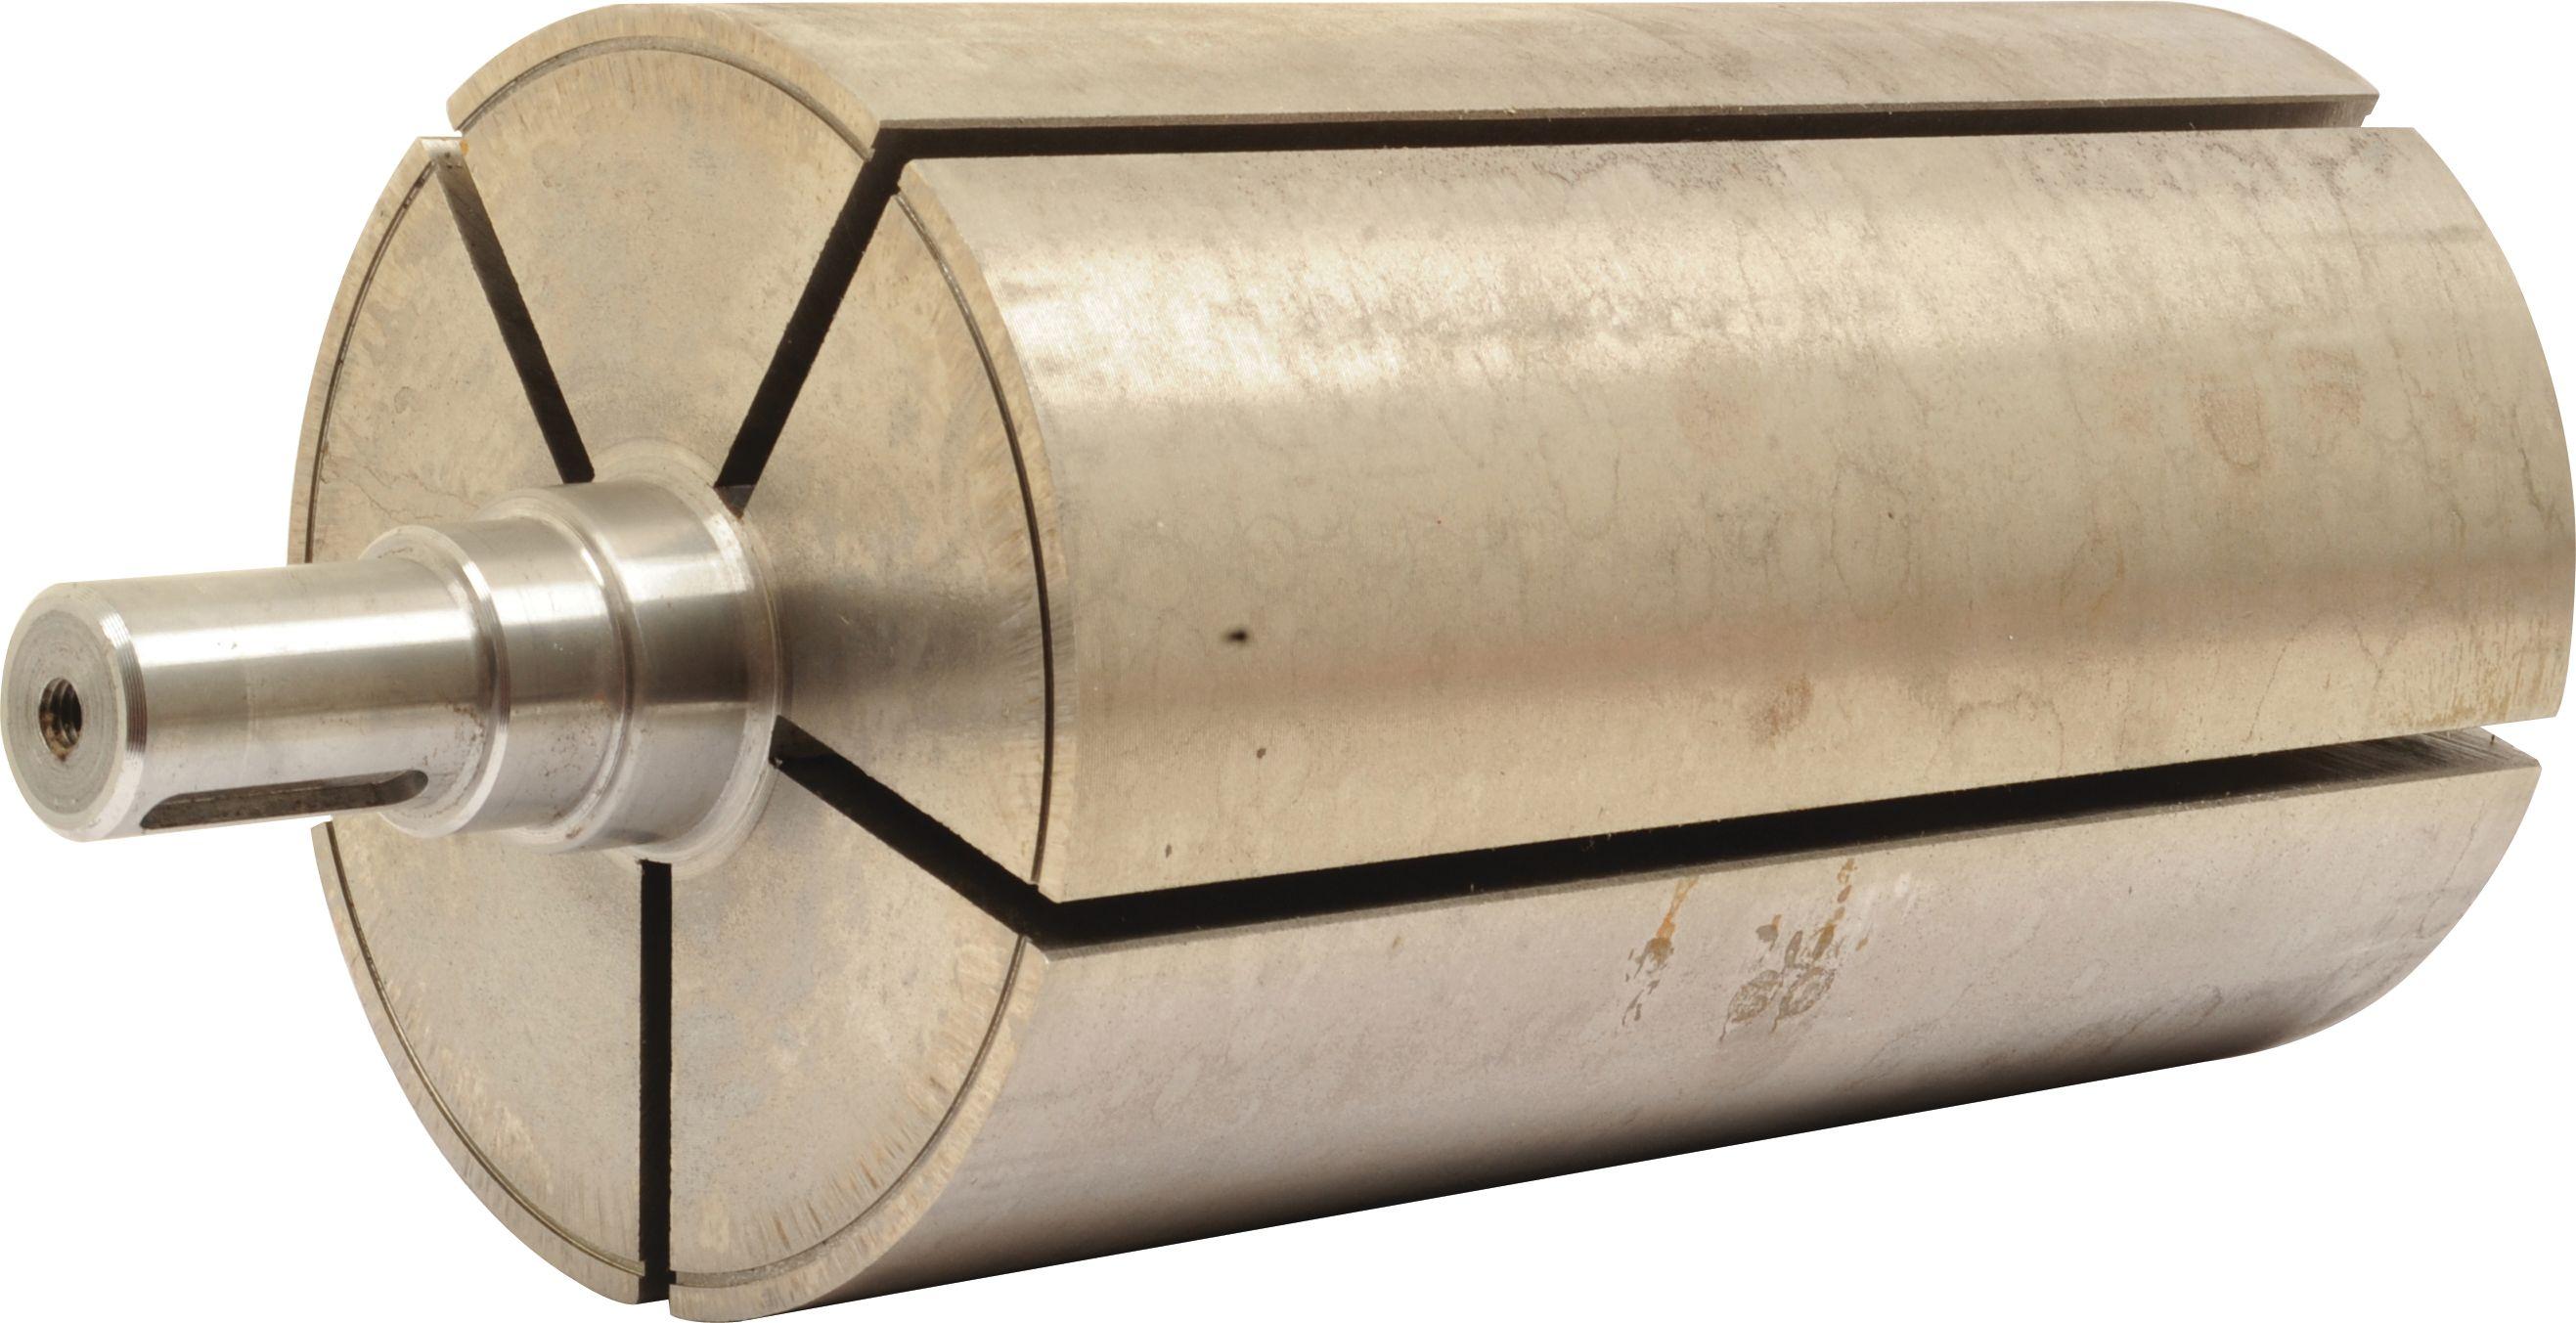 BATTIONI PAGANI POMP ROTOR-MEC 11000 D & H